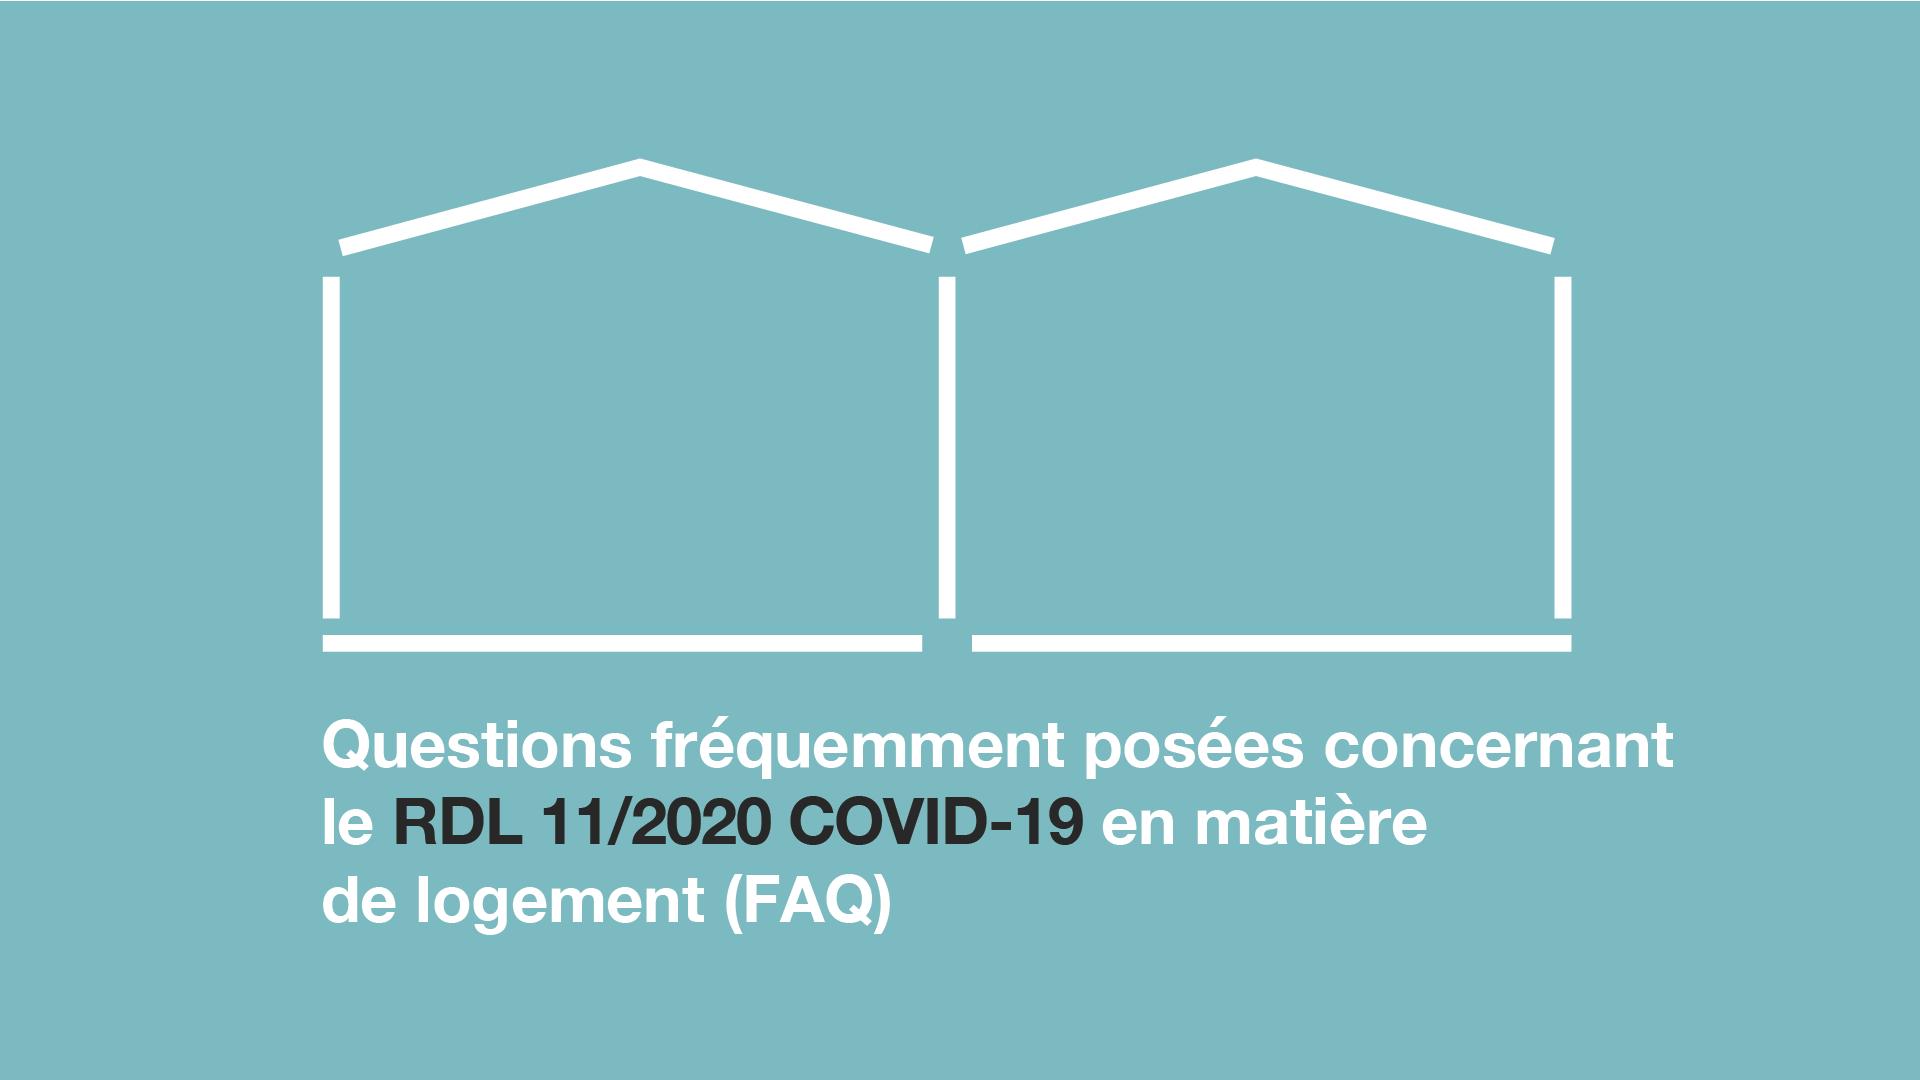 Questions fréquentes sur l'habitat dans la situation causée par la covid-19